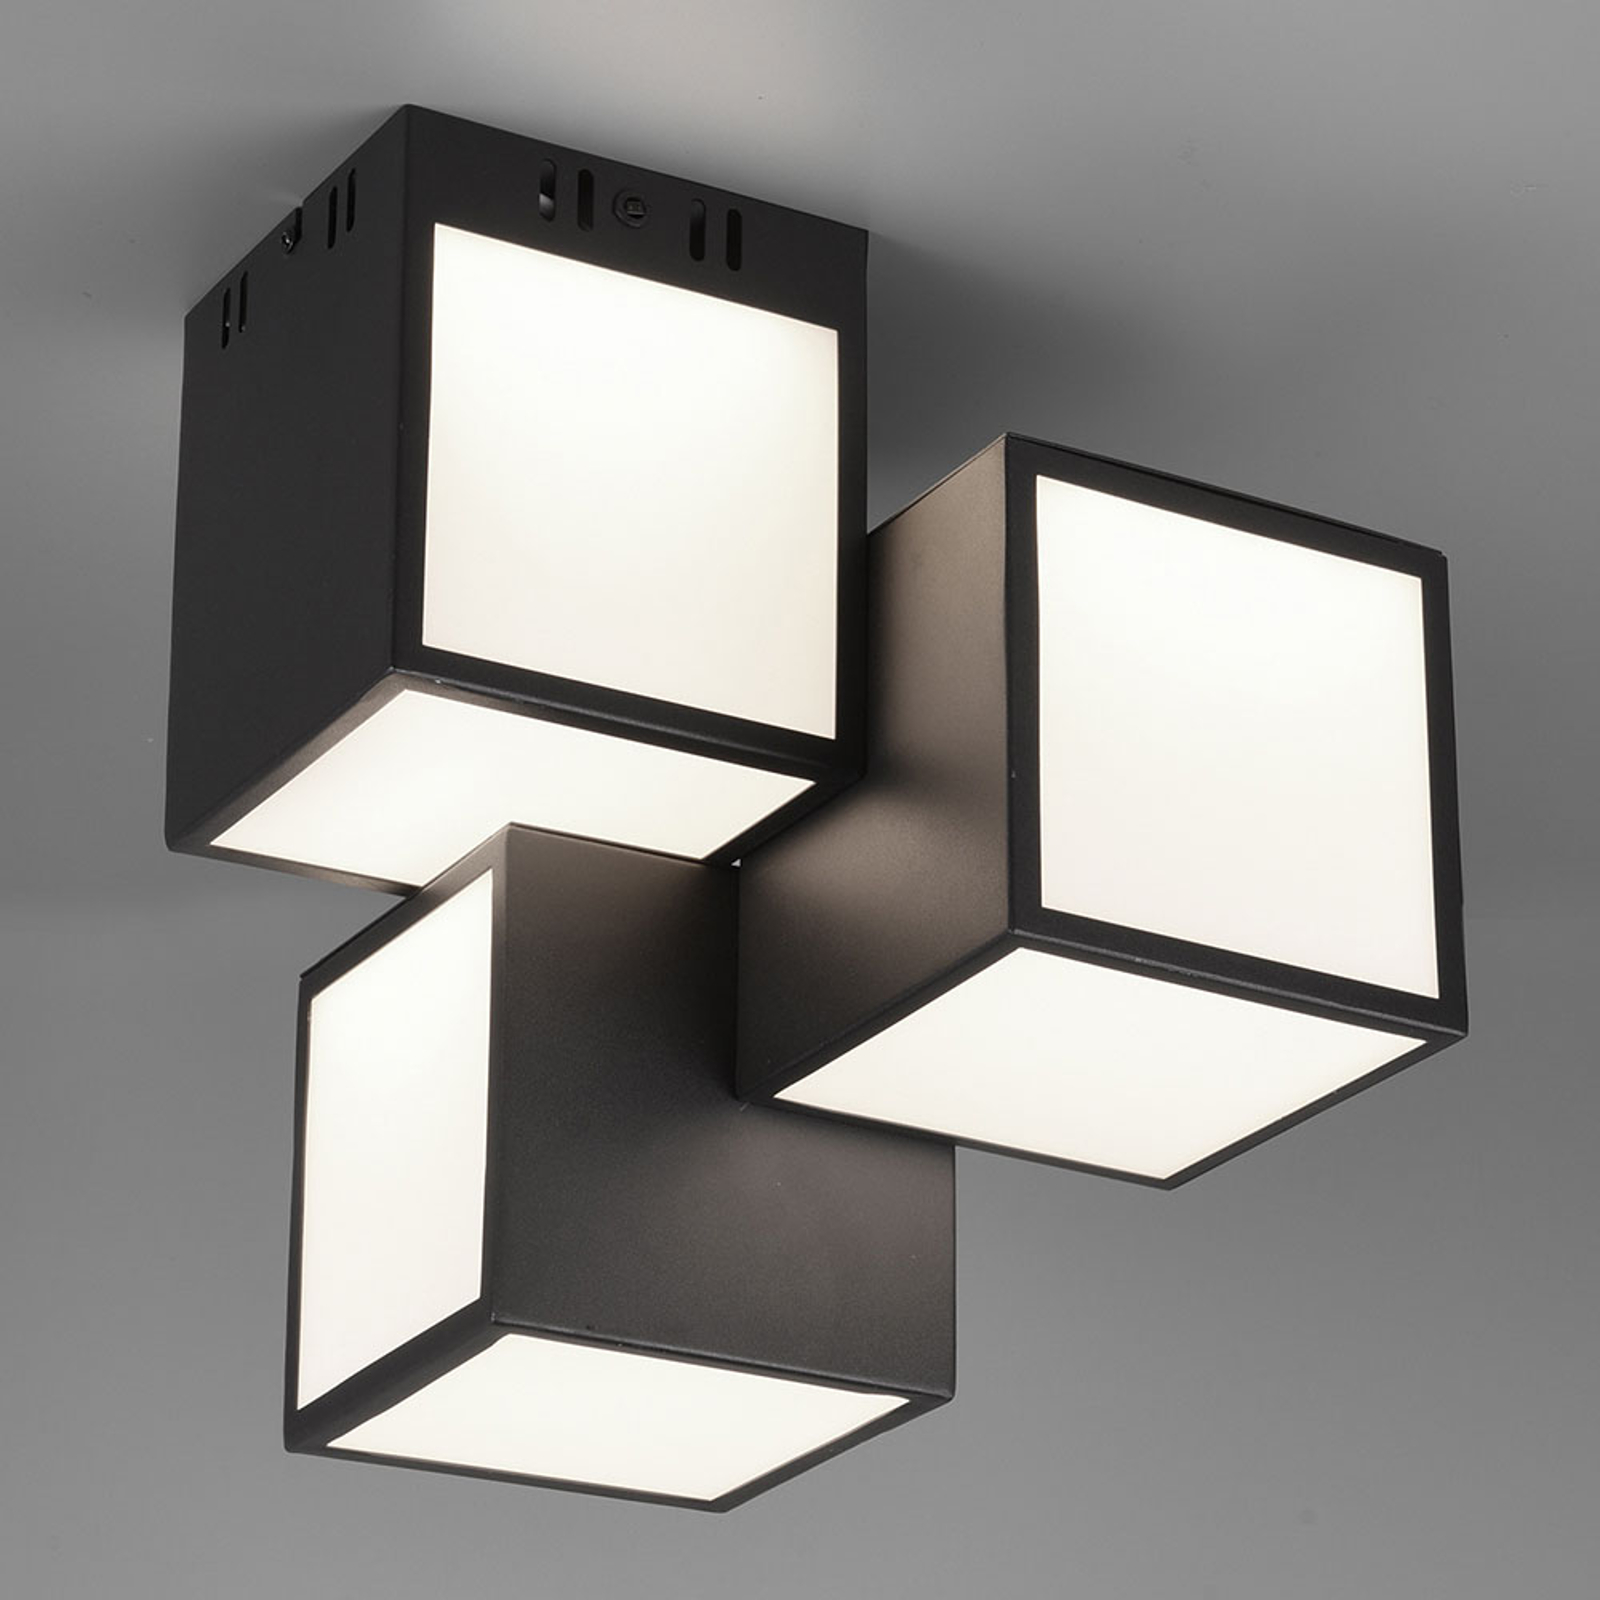 Trio WiZ Oscar LED-taklampa 30 x 30 cm, svart